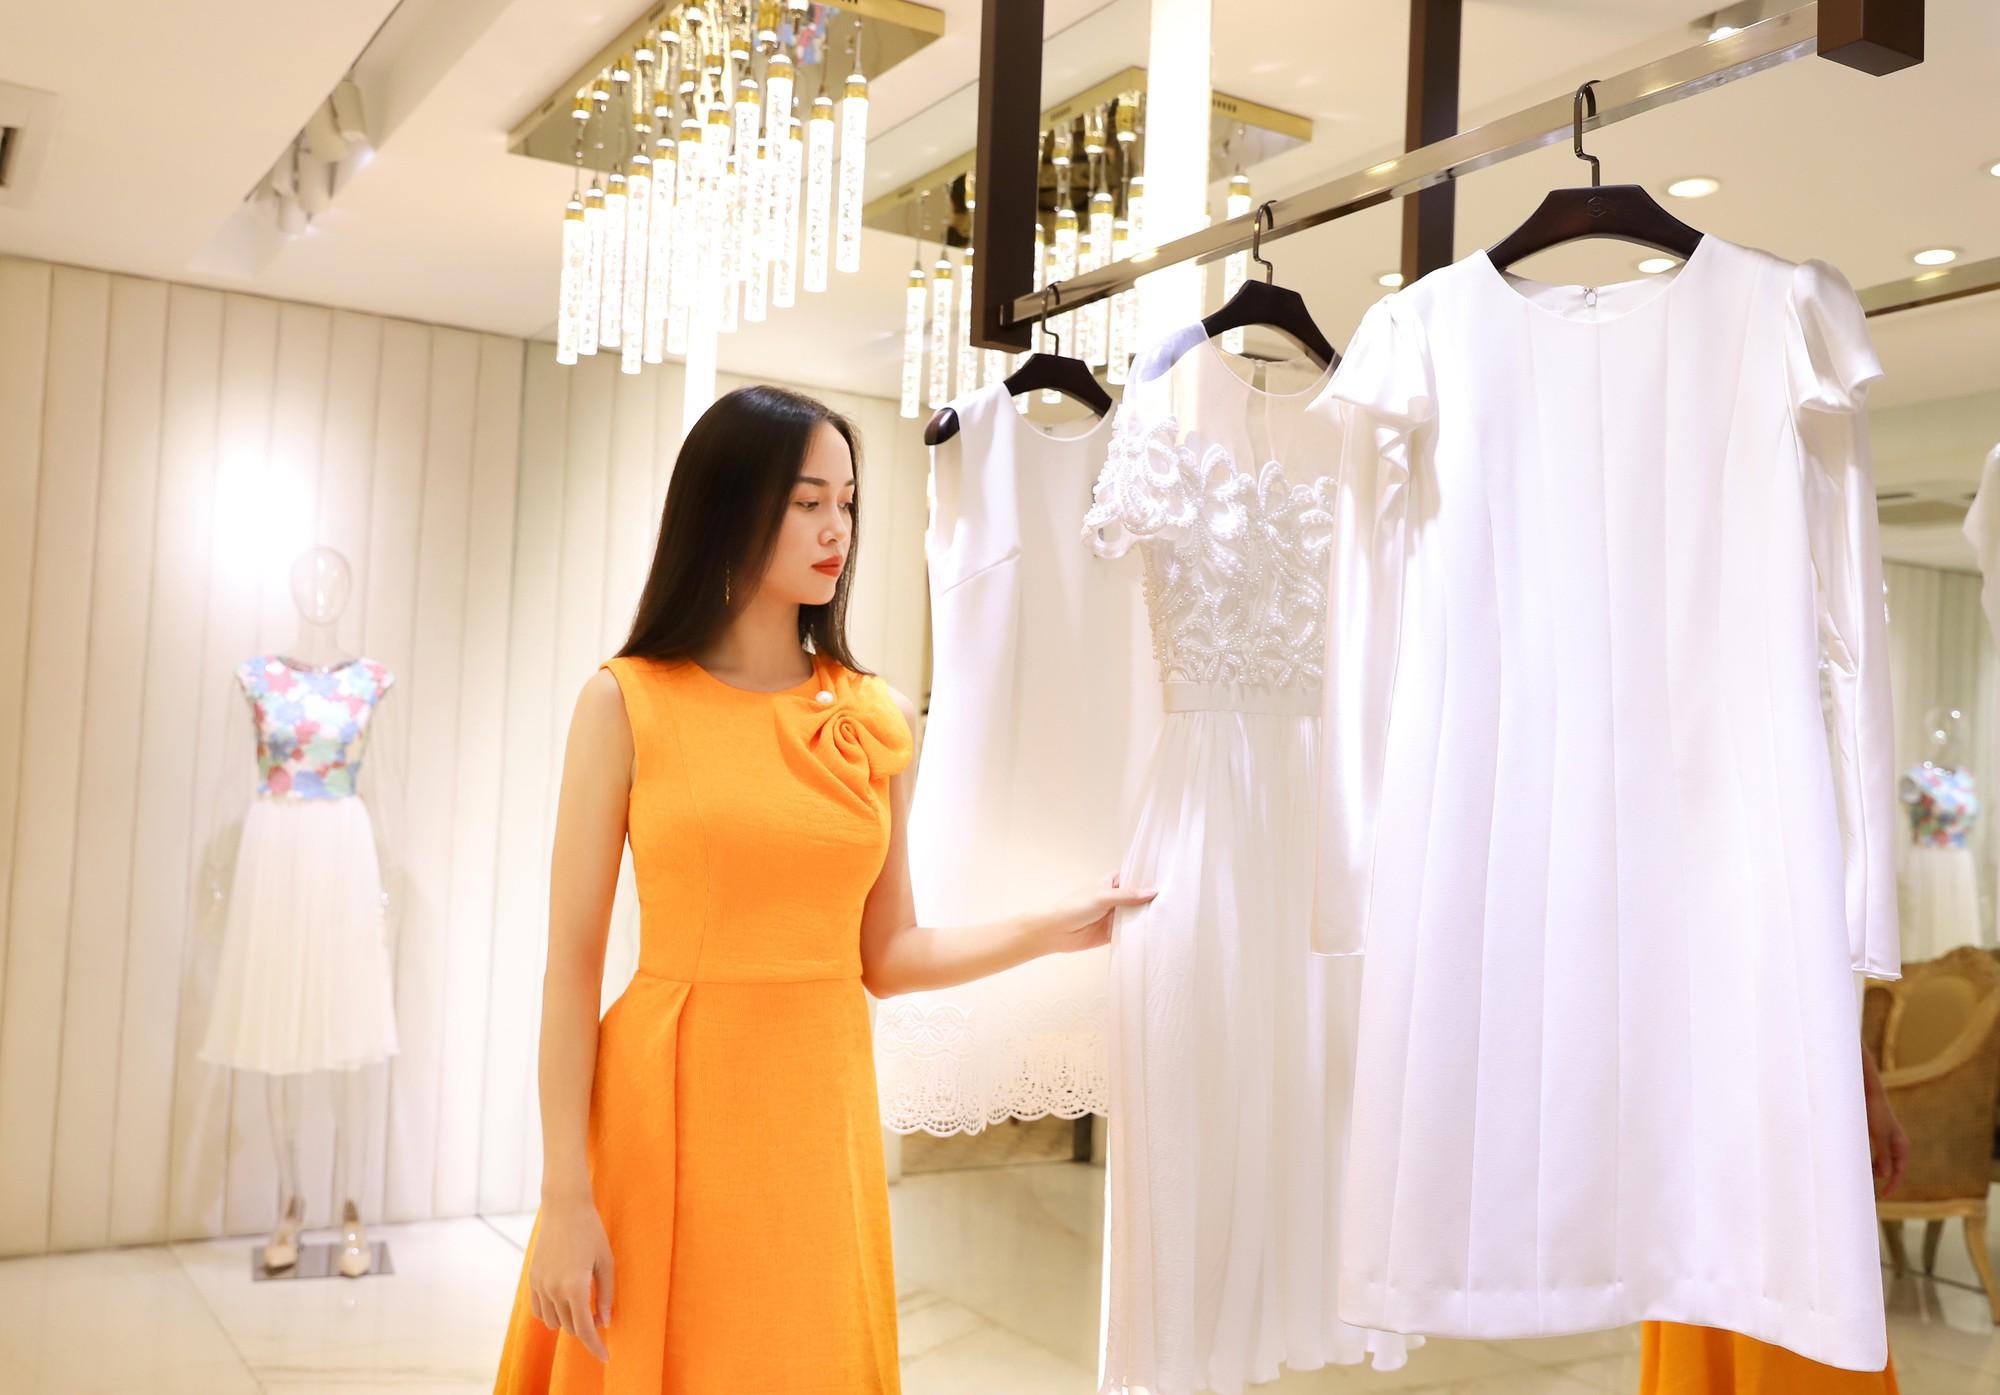 Đỗ Mỹ Linh, Jun Vũ, Quỳnh Anh Shyn cùng loạt sao tất bật lên đồ, chuẩn bị đọ sắc tại show của NTK Công Trí - Ảnh 12.